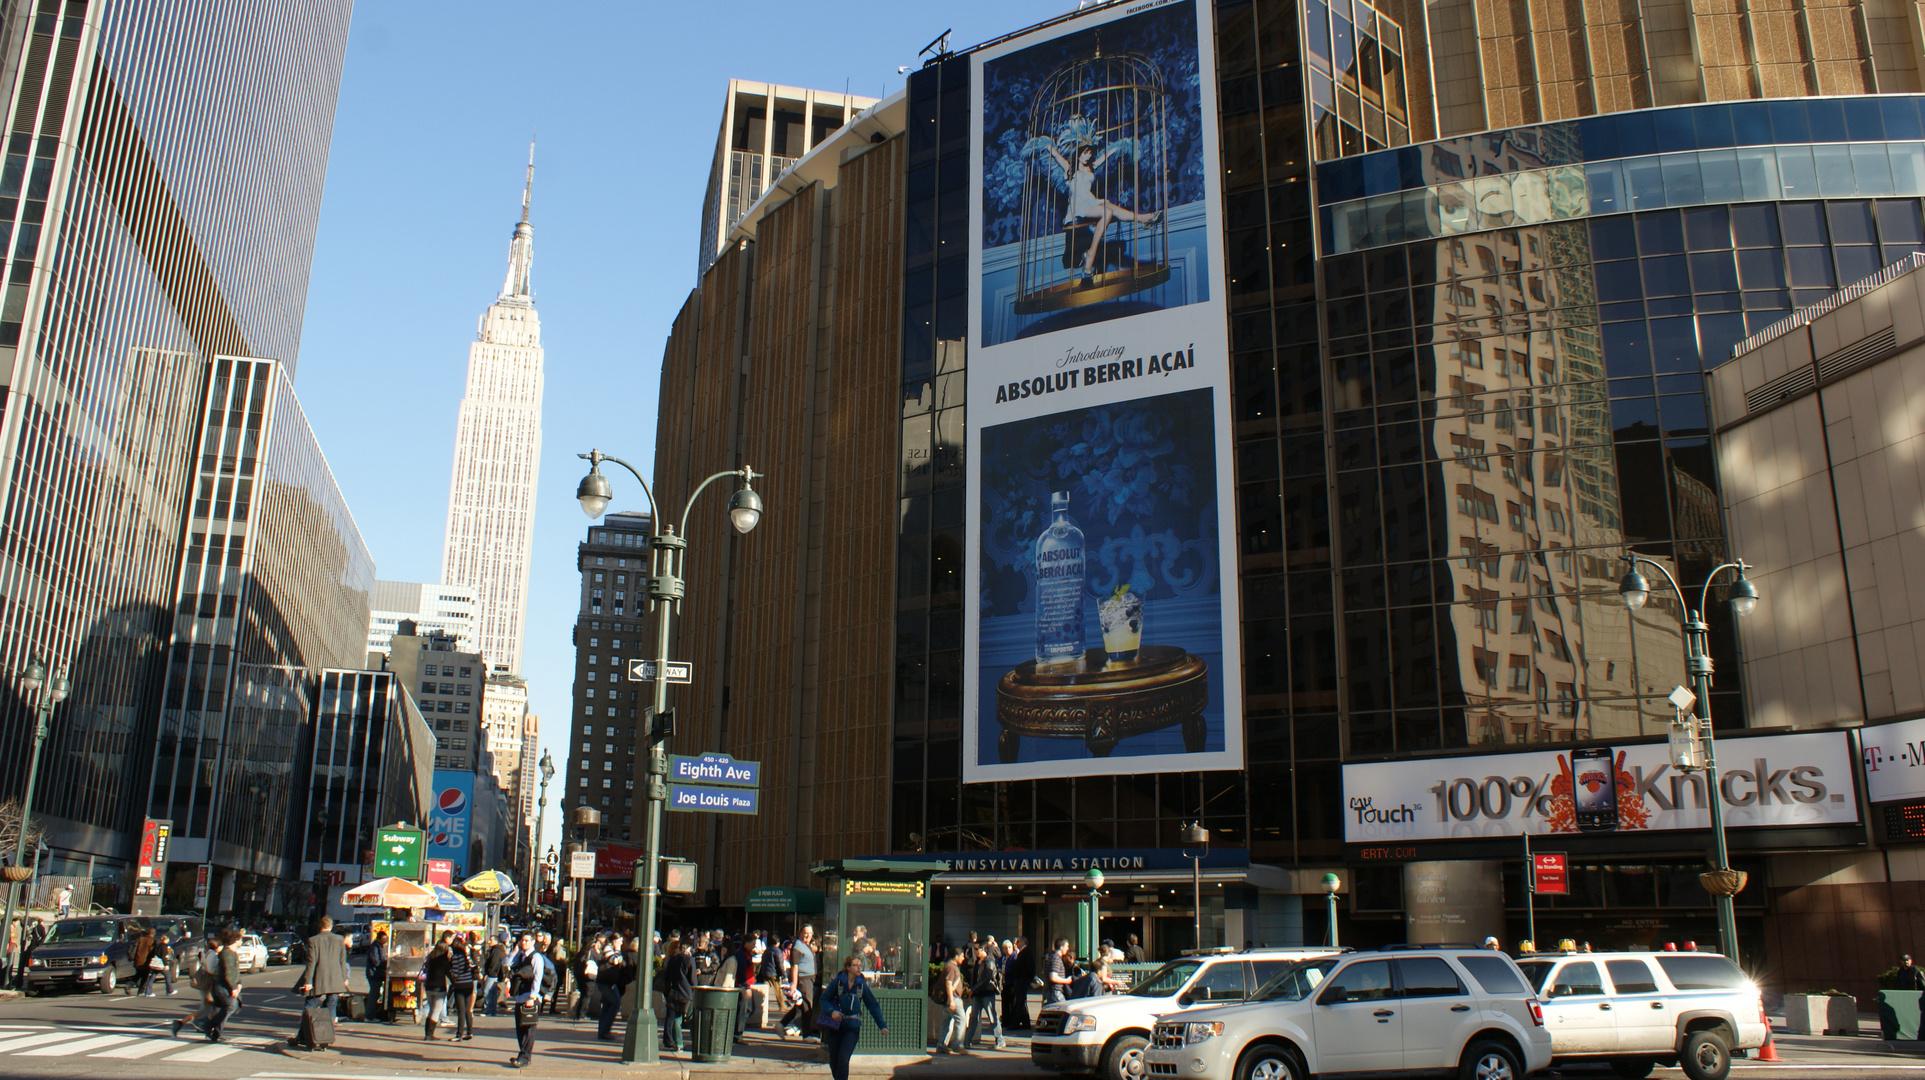 Madison Square Garden & Empire S.B.